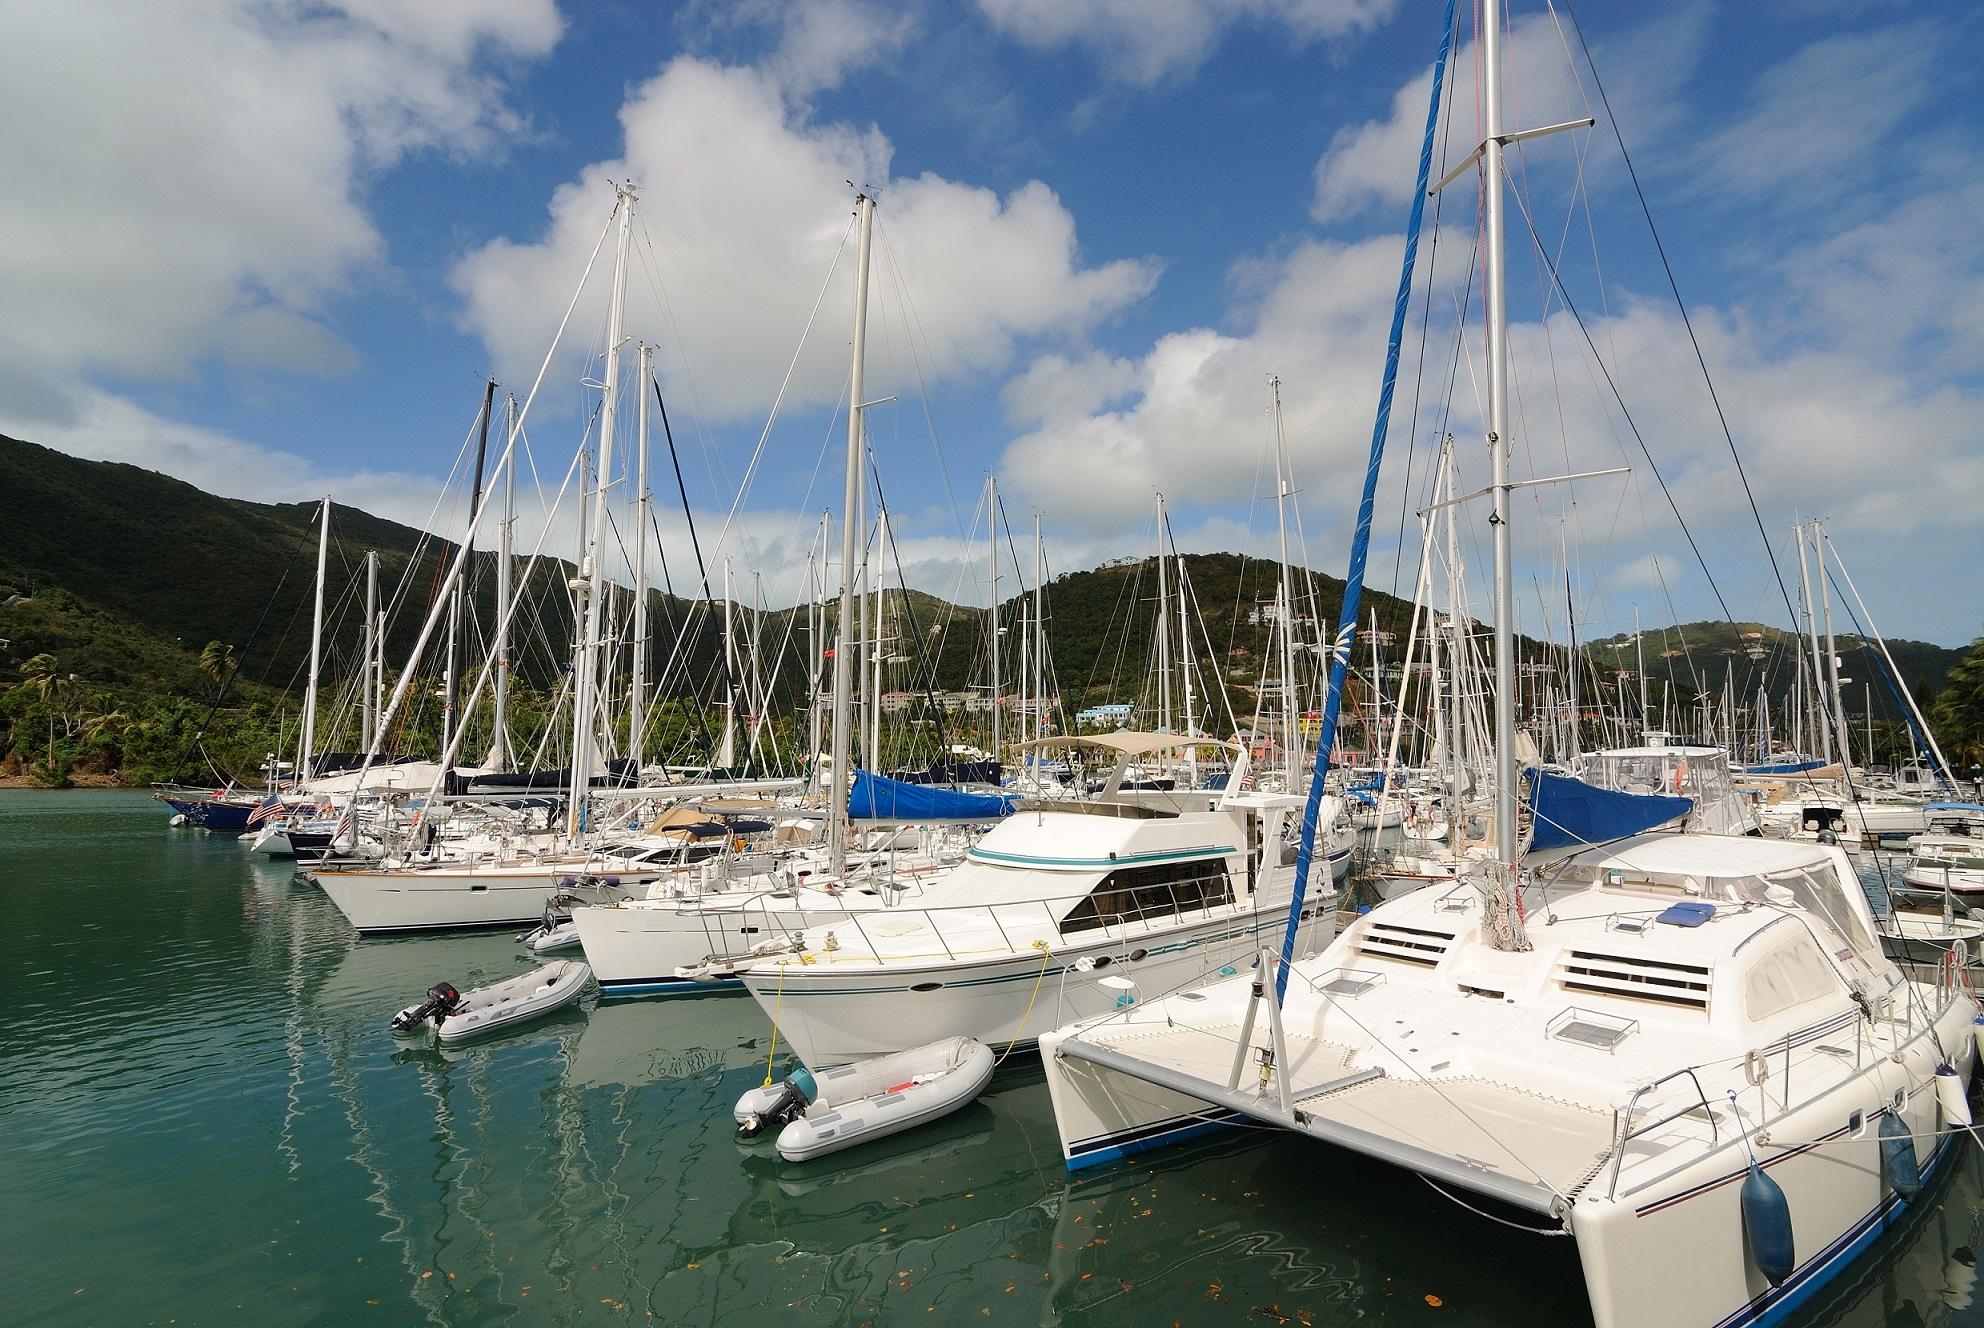 charter-marina-boat-base-fleet-sailing-yacht-3